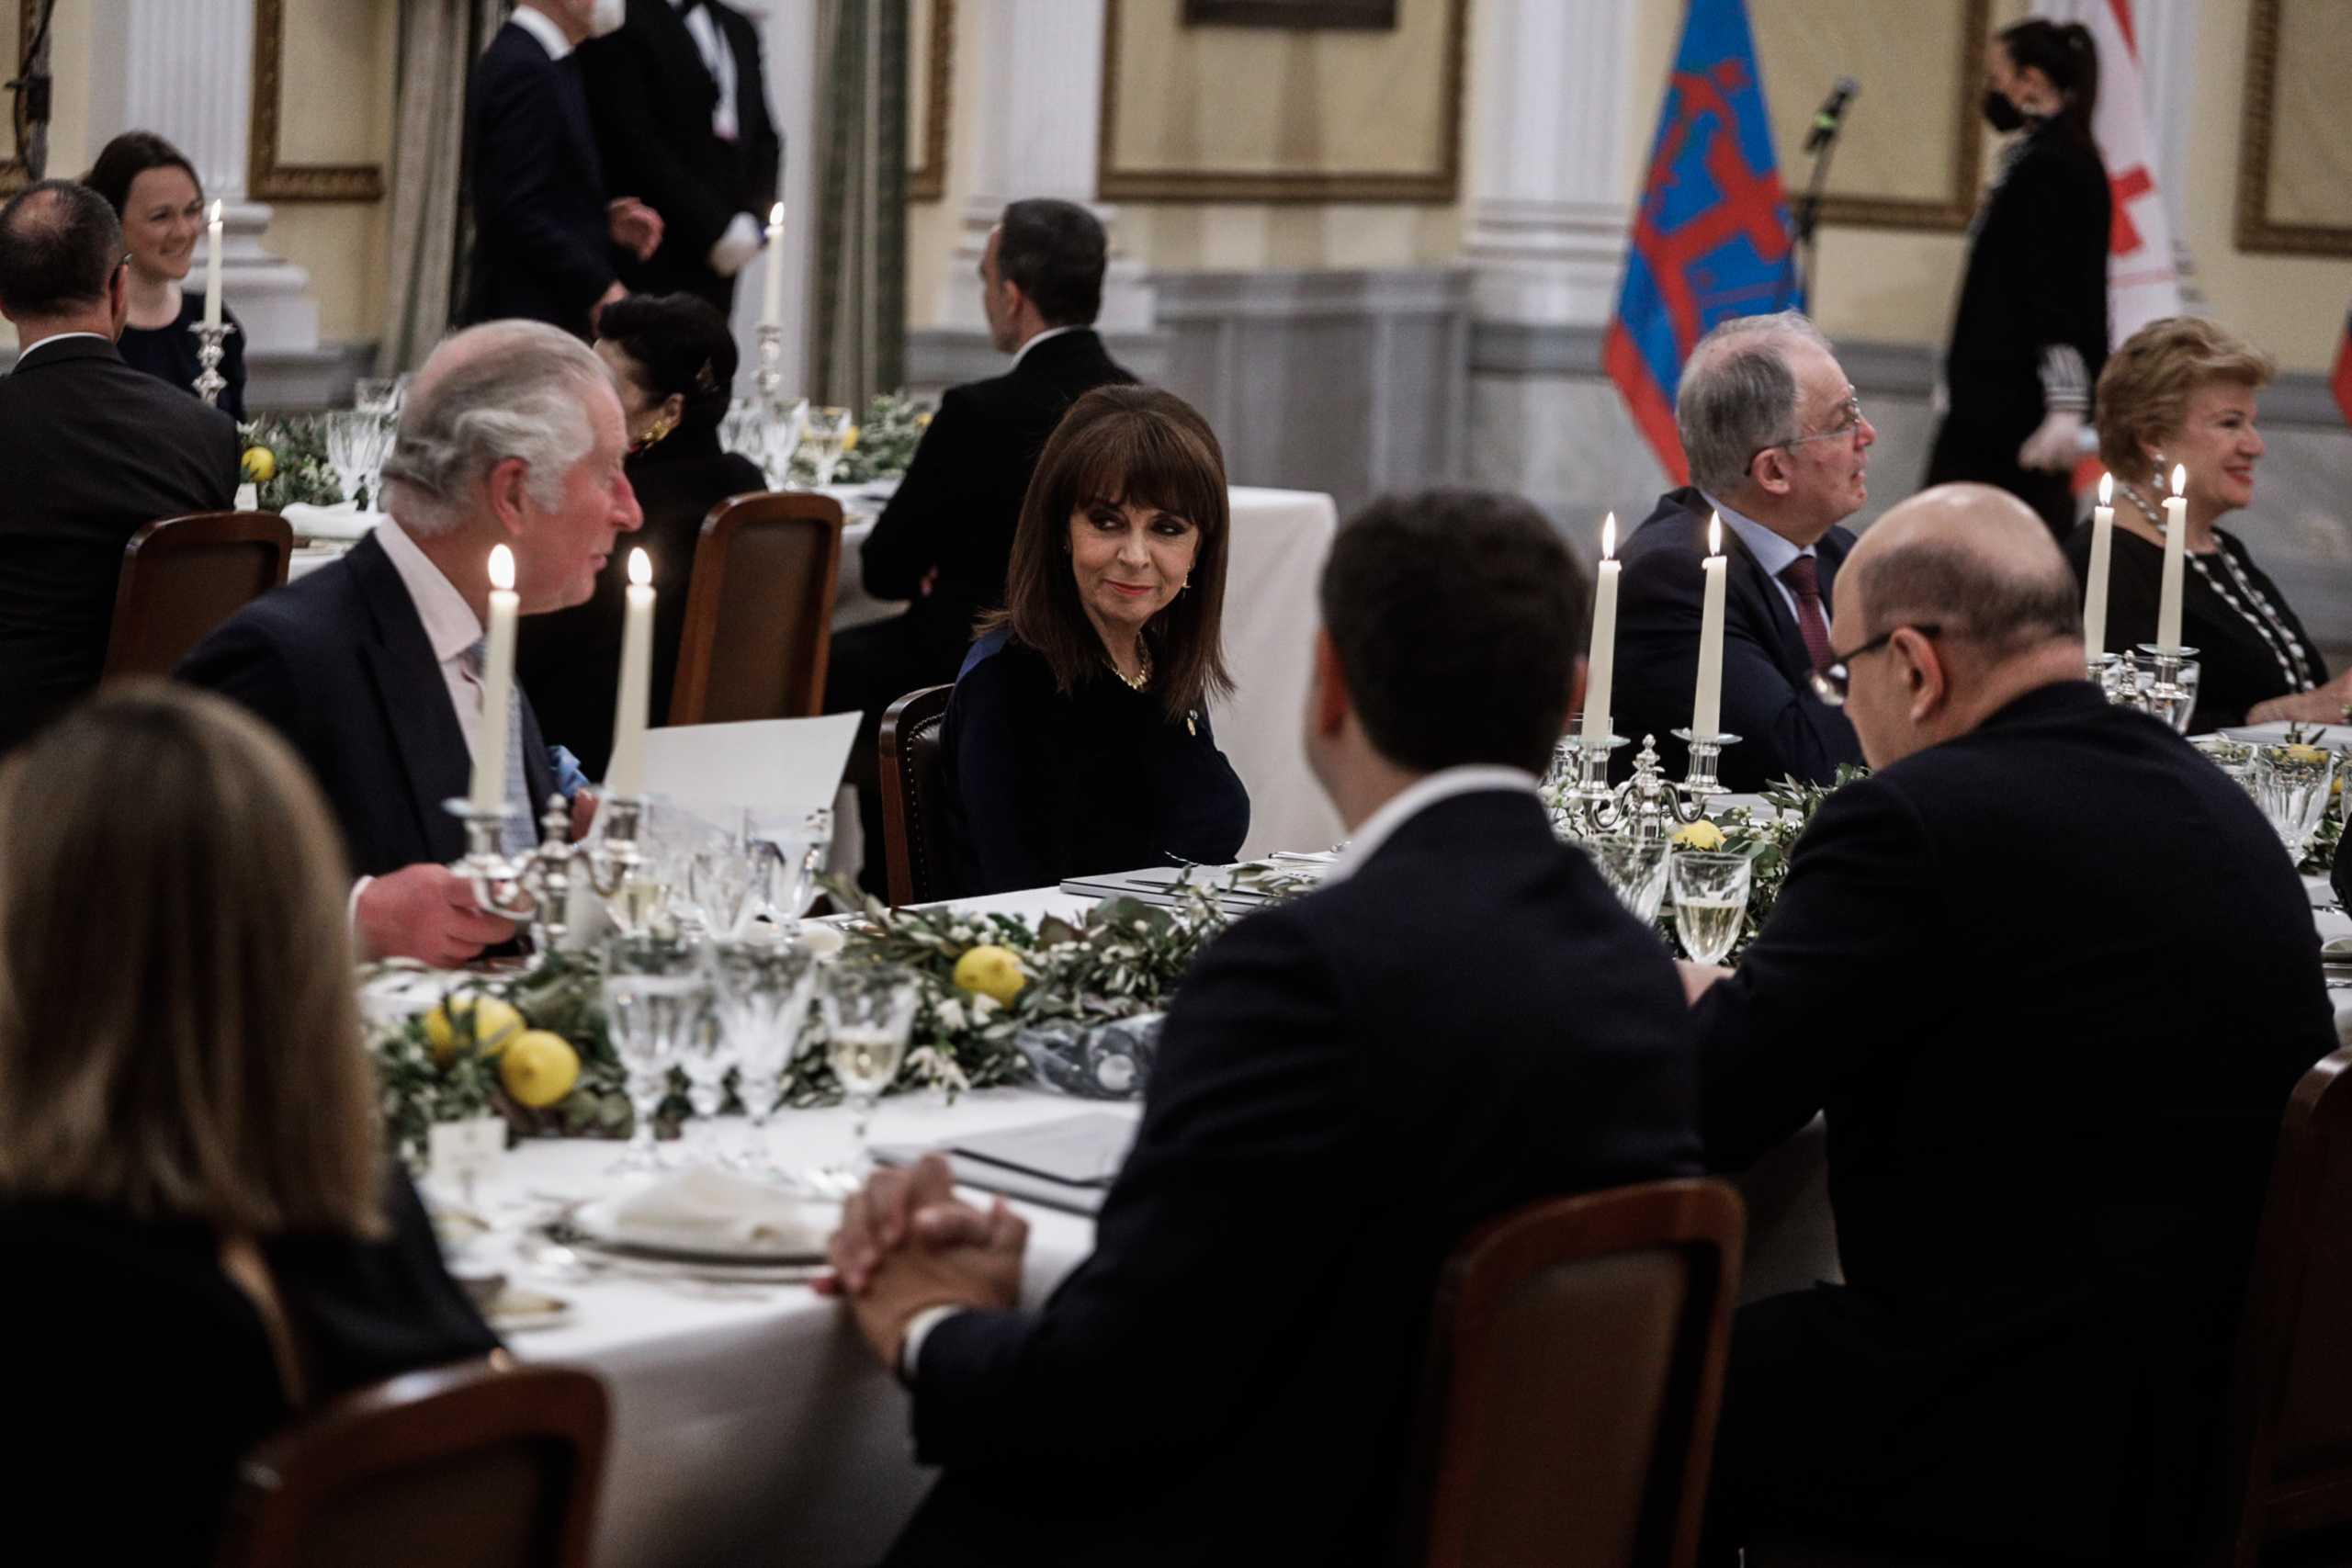 25η Μαρτίου: Δώρα δια χειρός Μαίρης Κατράντζου στους ξένους ηγέτες